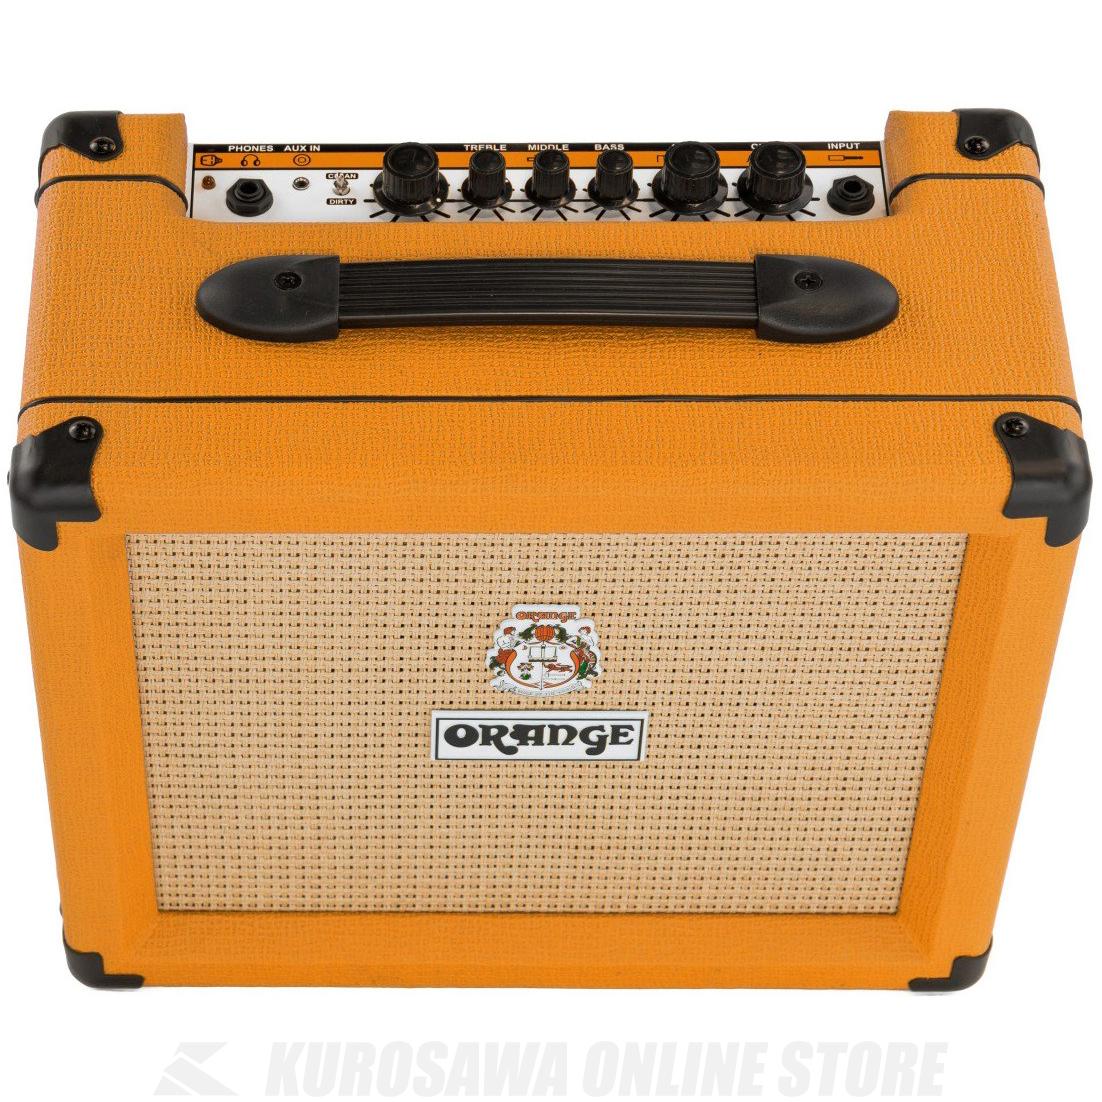 豪華で新しい Orange Crush Series Crush STORE】 Crush 20 [Crush 20]《ギターアンプ/コンボアンプ》【送料無料 Orange】【ONLINE STORE】, アールトレードSHOP:dfd1bd4f --- canoncity.azurewebsites.net